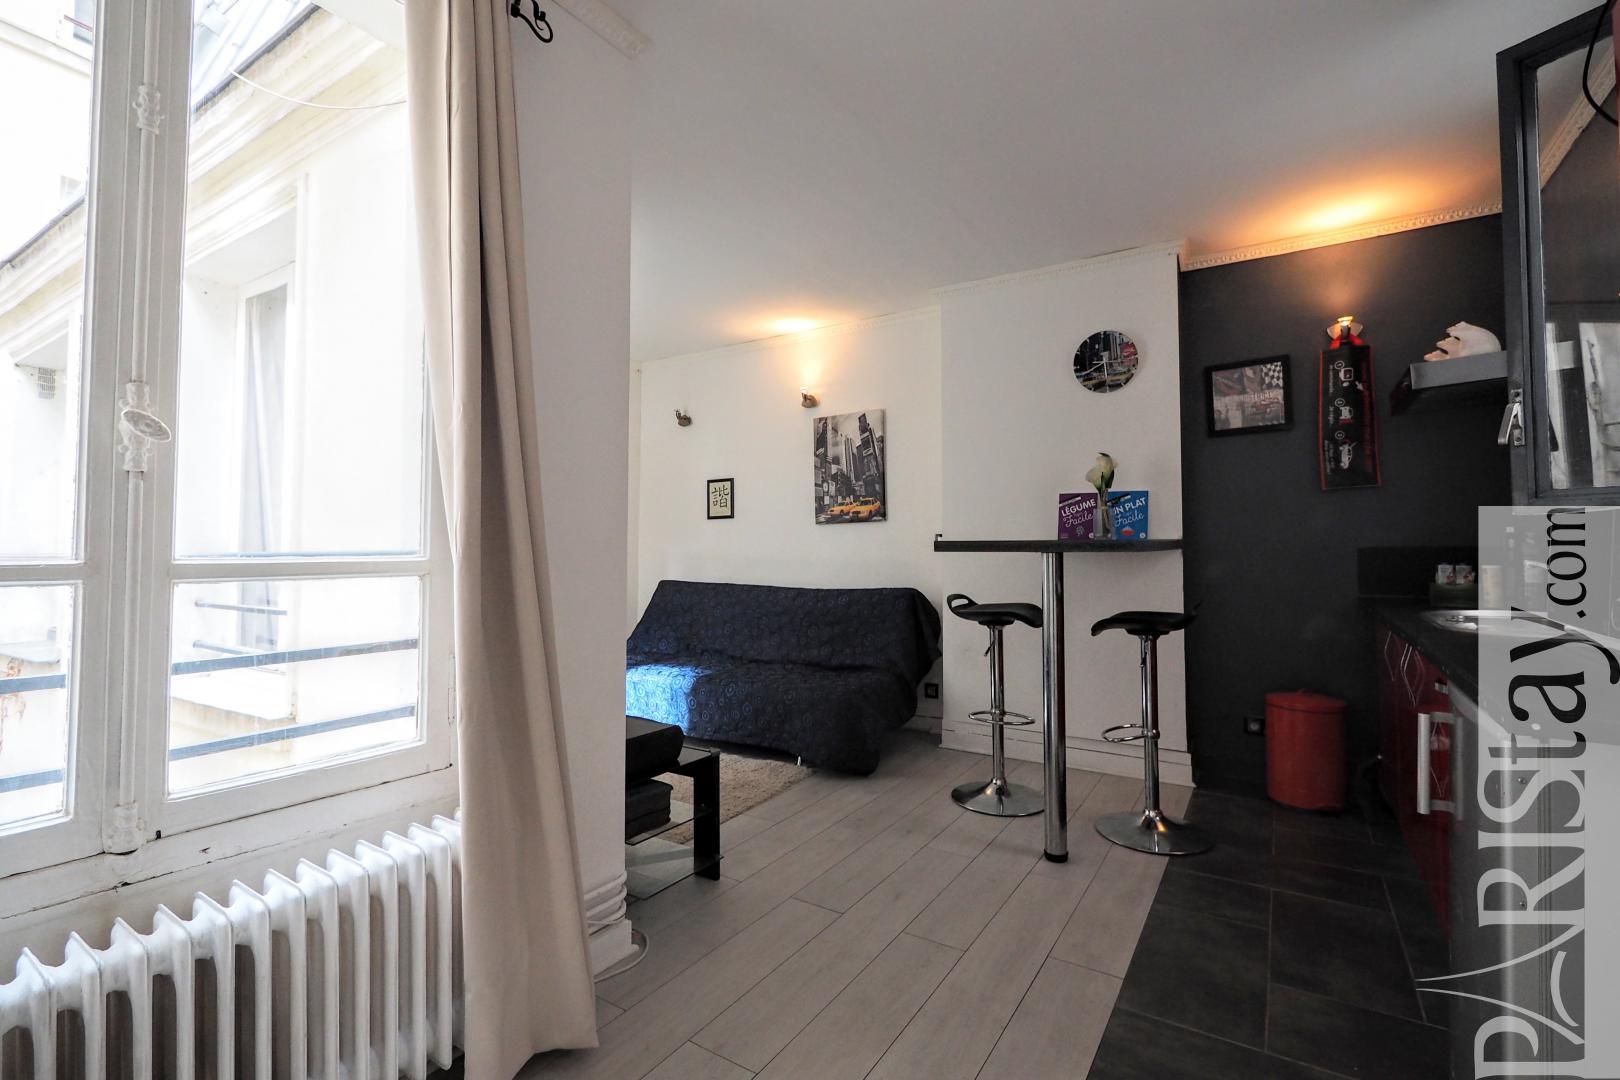 Location appartement paris t2 meubl invalides for Location appartement non meuble paris